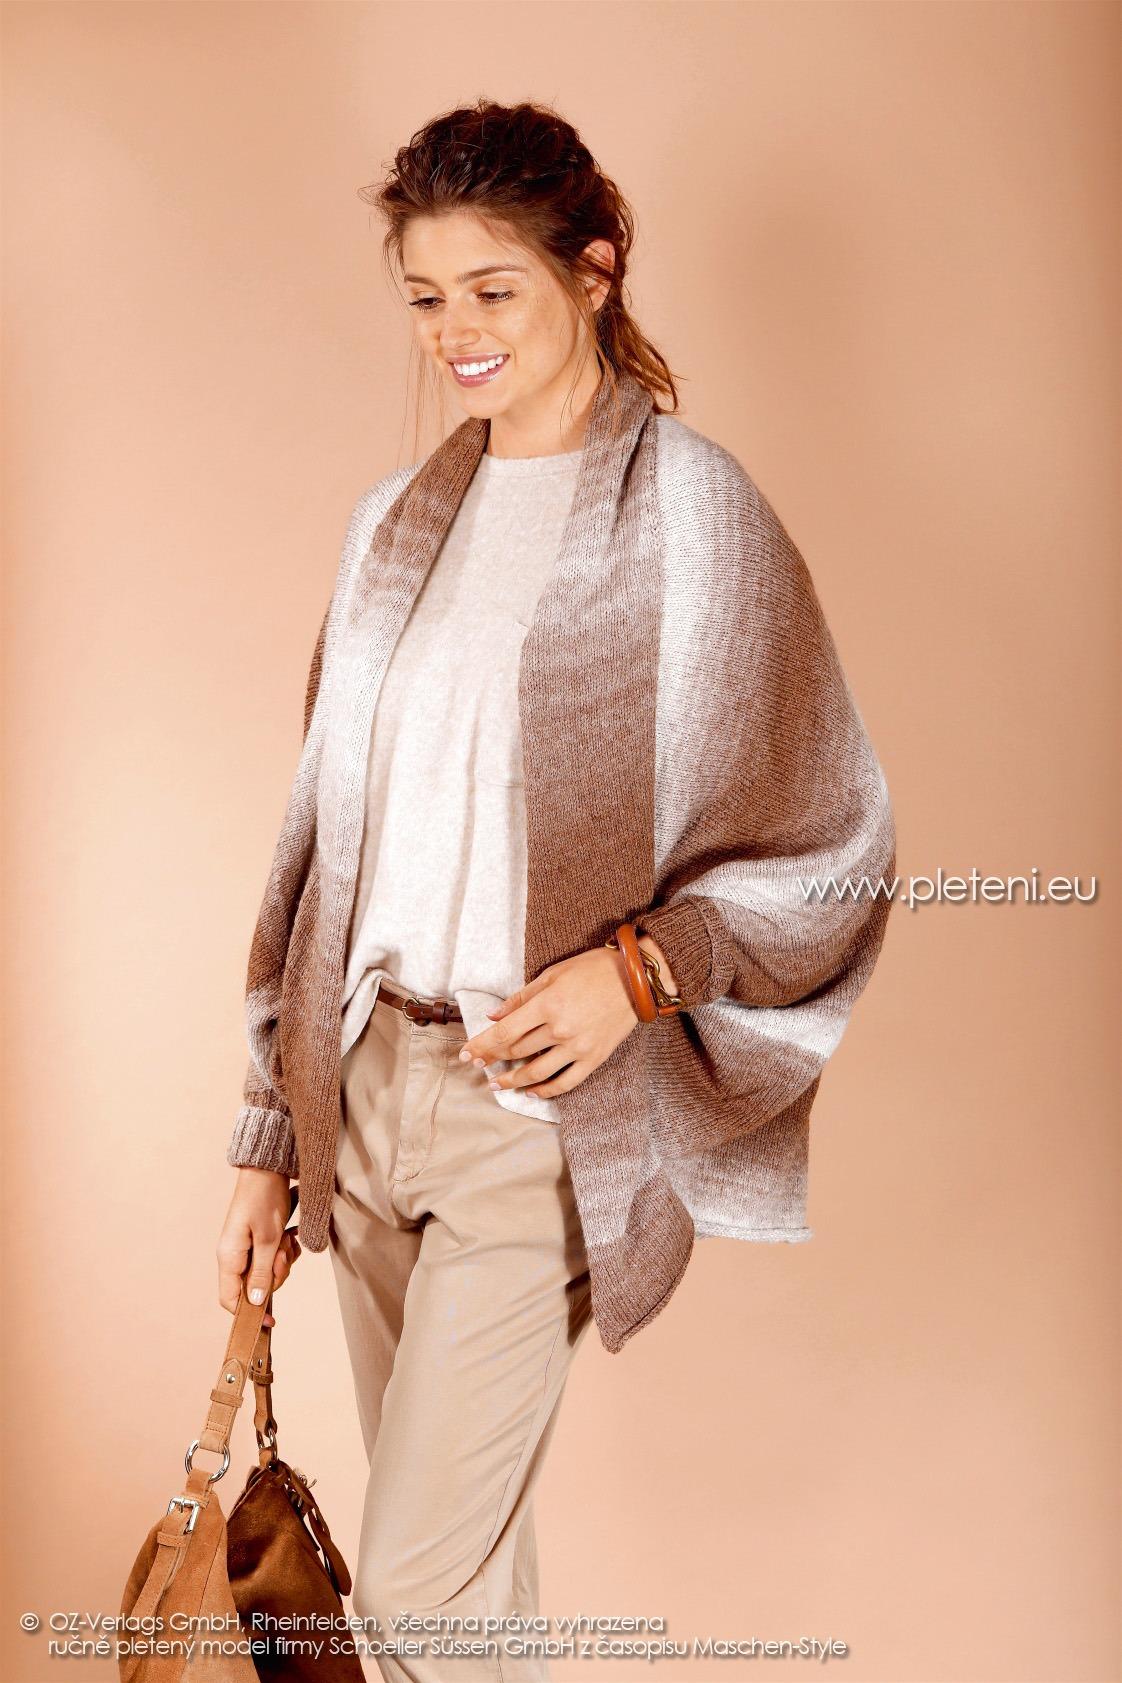 2017-2018 model 21 dámský pletený pončo kabátek (přední pohled) z příze Ambra Color firmy Schoeller